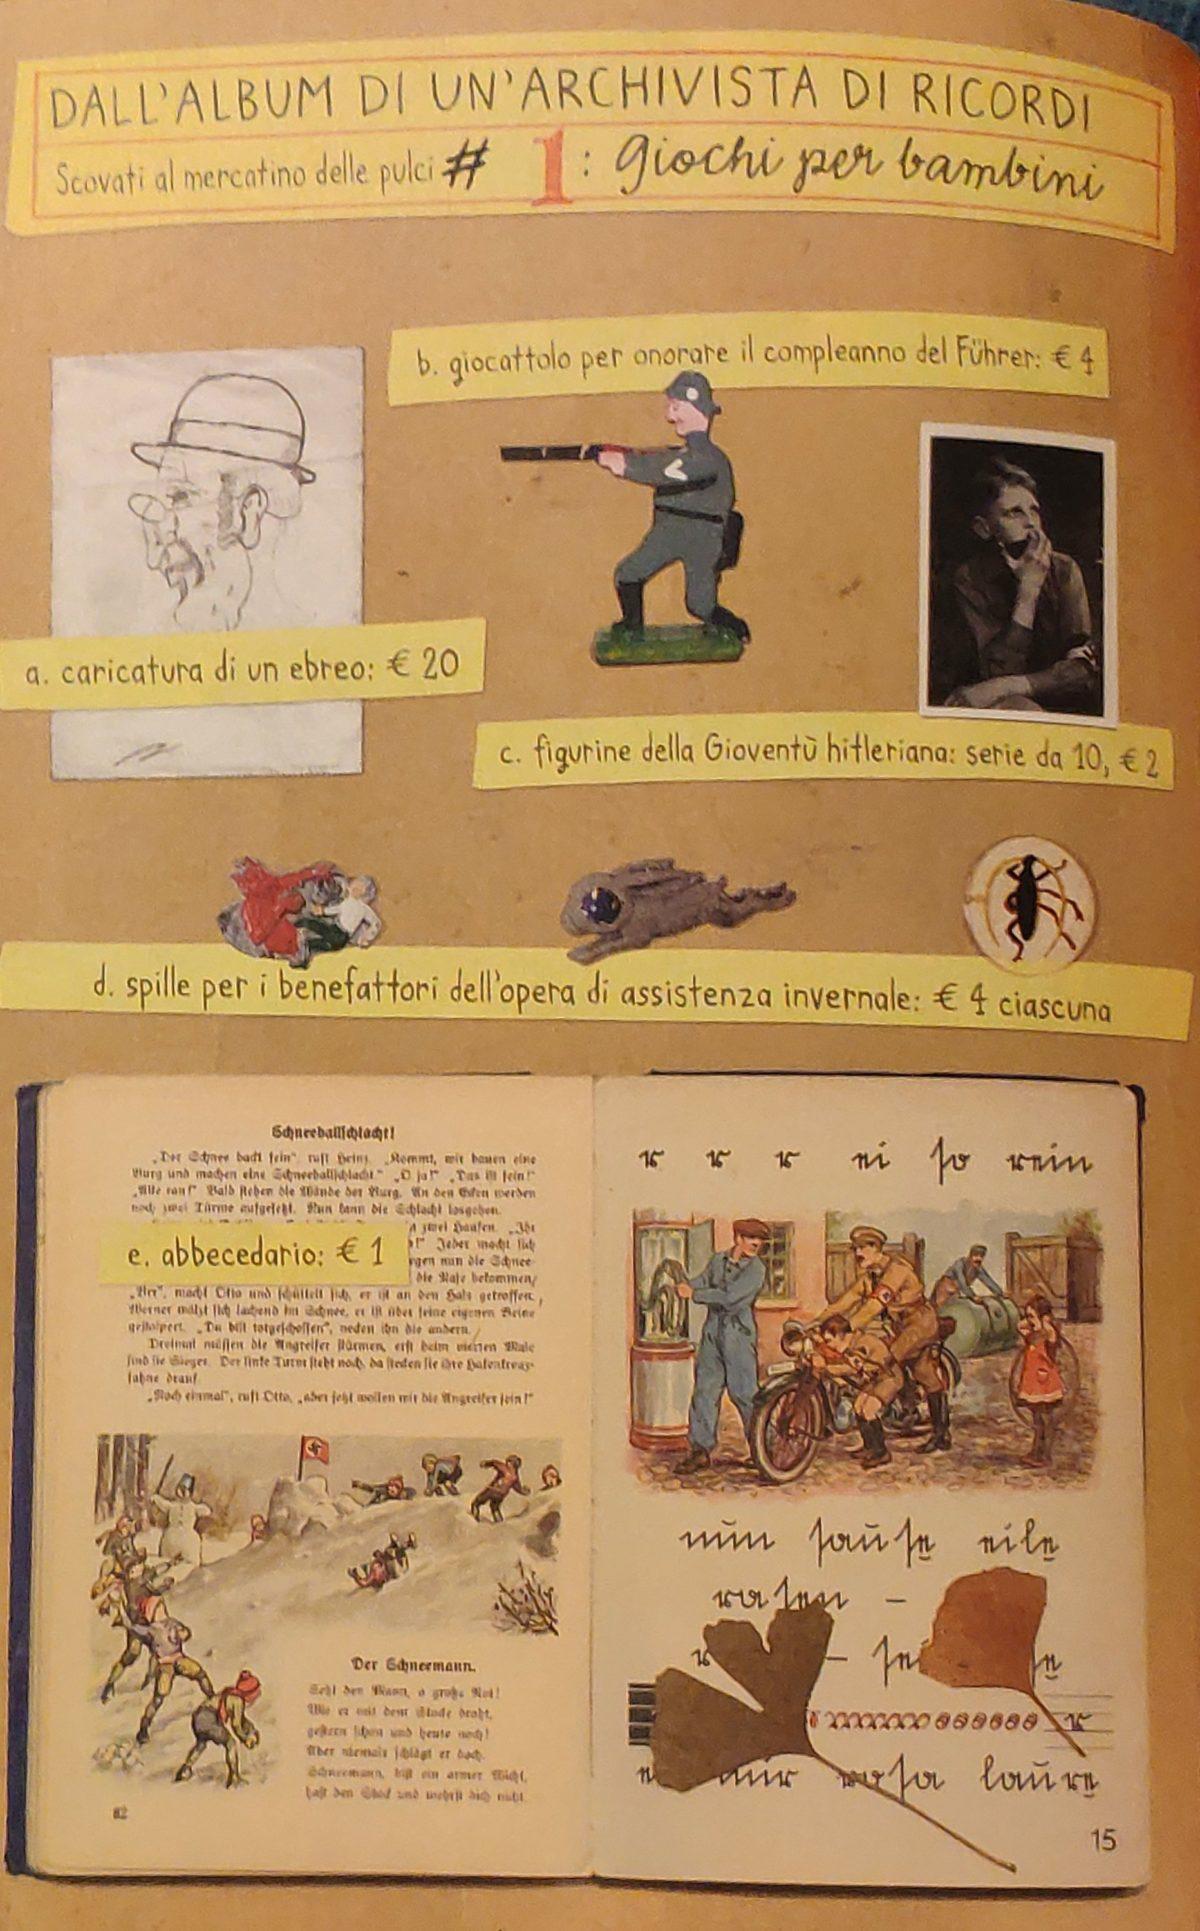 Mio Caro Fumetto - Heimat: un album di famiglia tedesco - Cimeli scovati da Nora Krug al mercatino delle pulci.